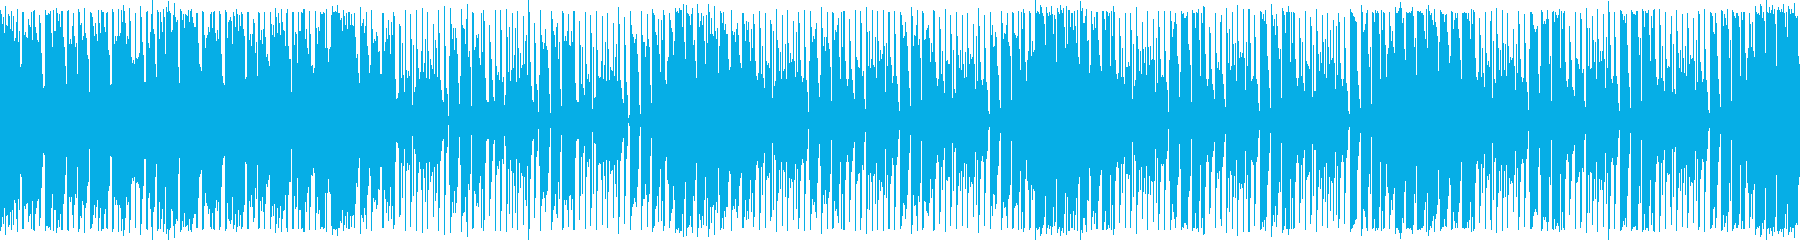 ダンスエクササイズBPM110:ループ版の再生済みの波形